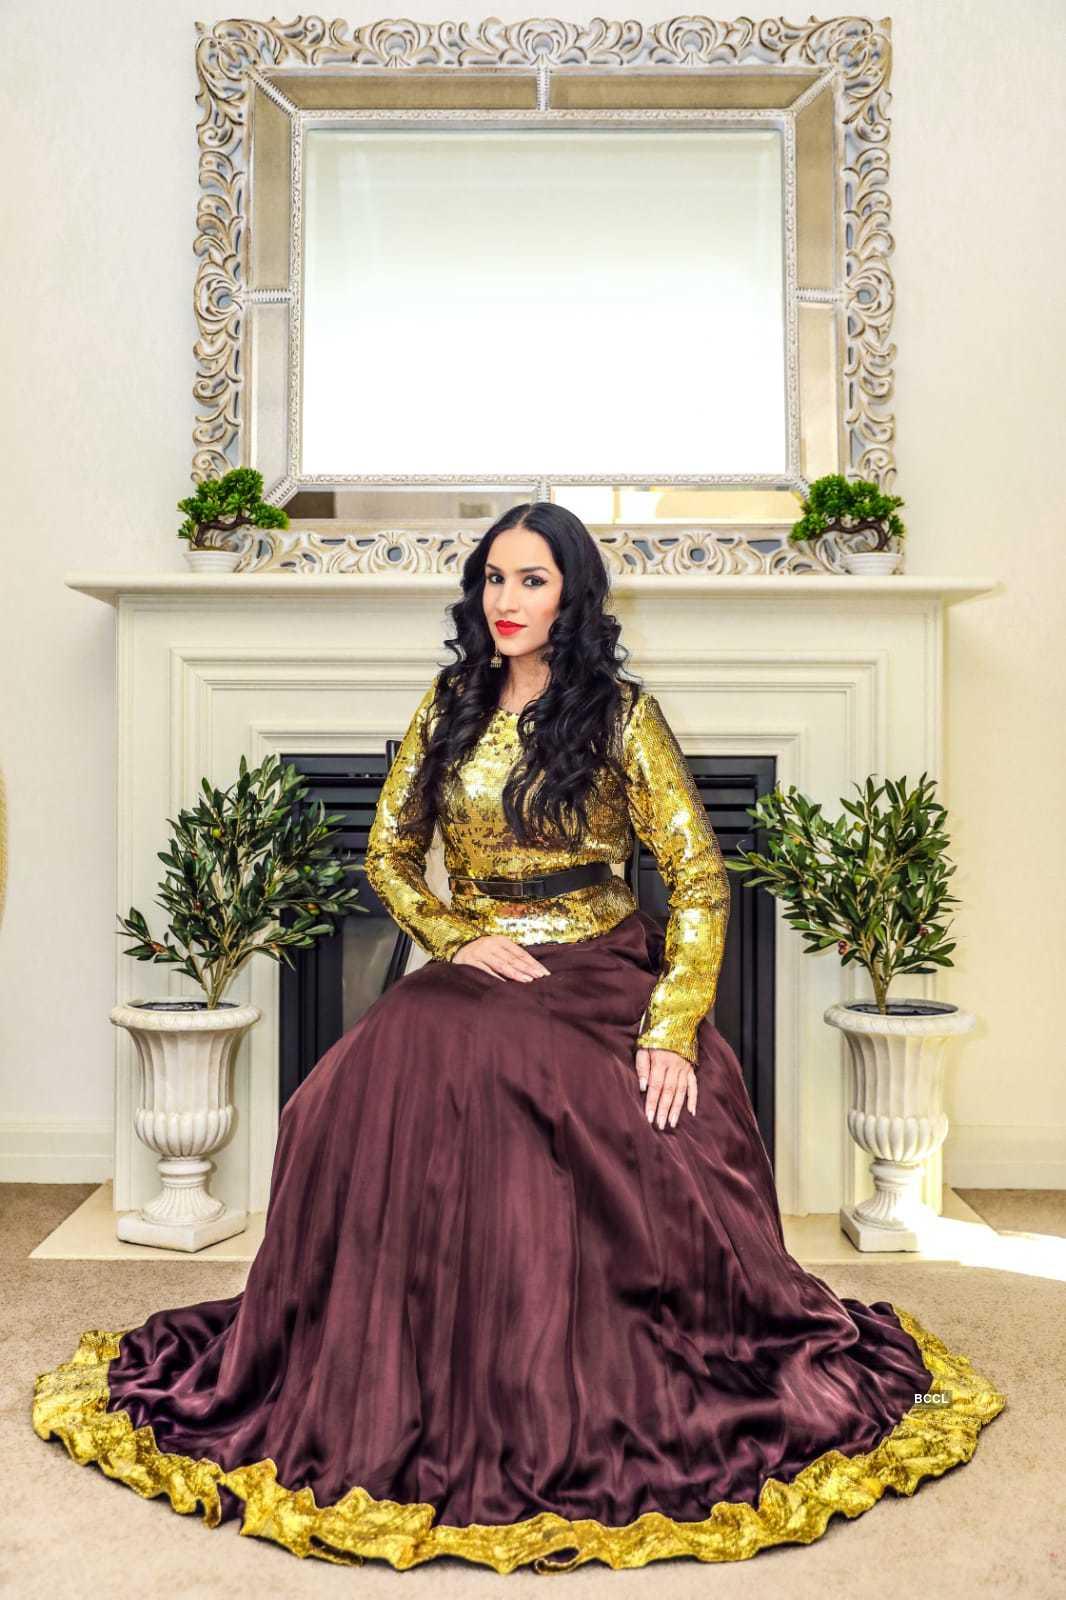 Meet the first Australia based Indian fashion designer Sonalika Pradhan